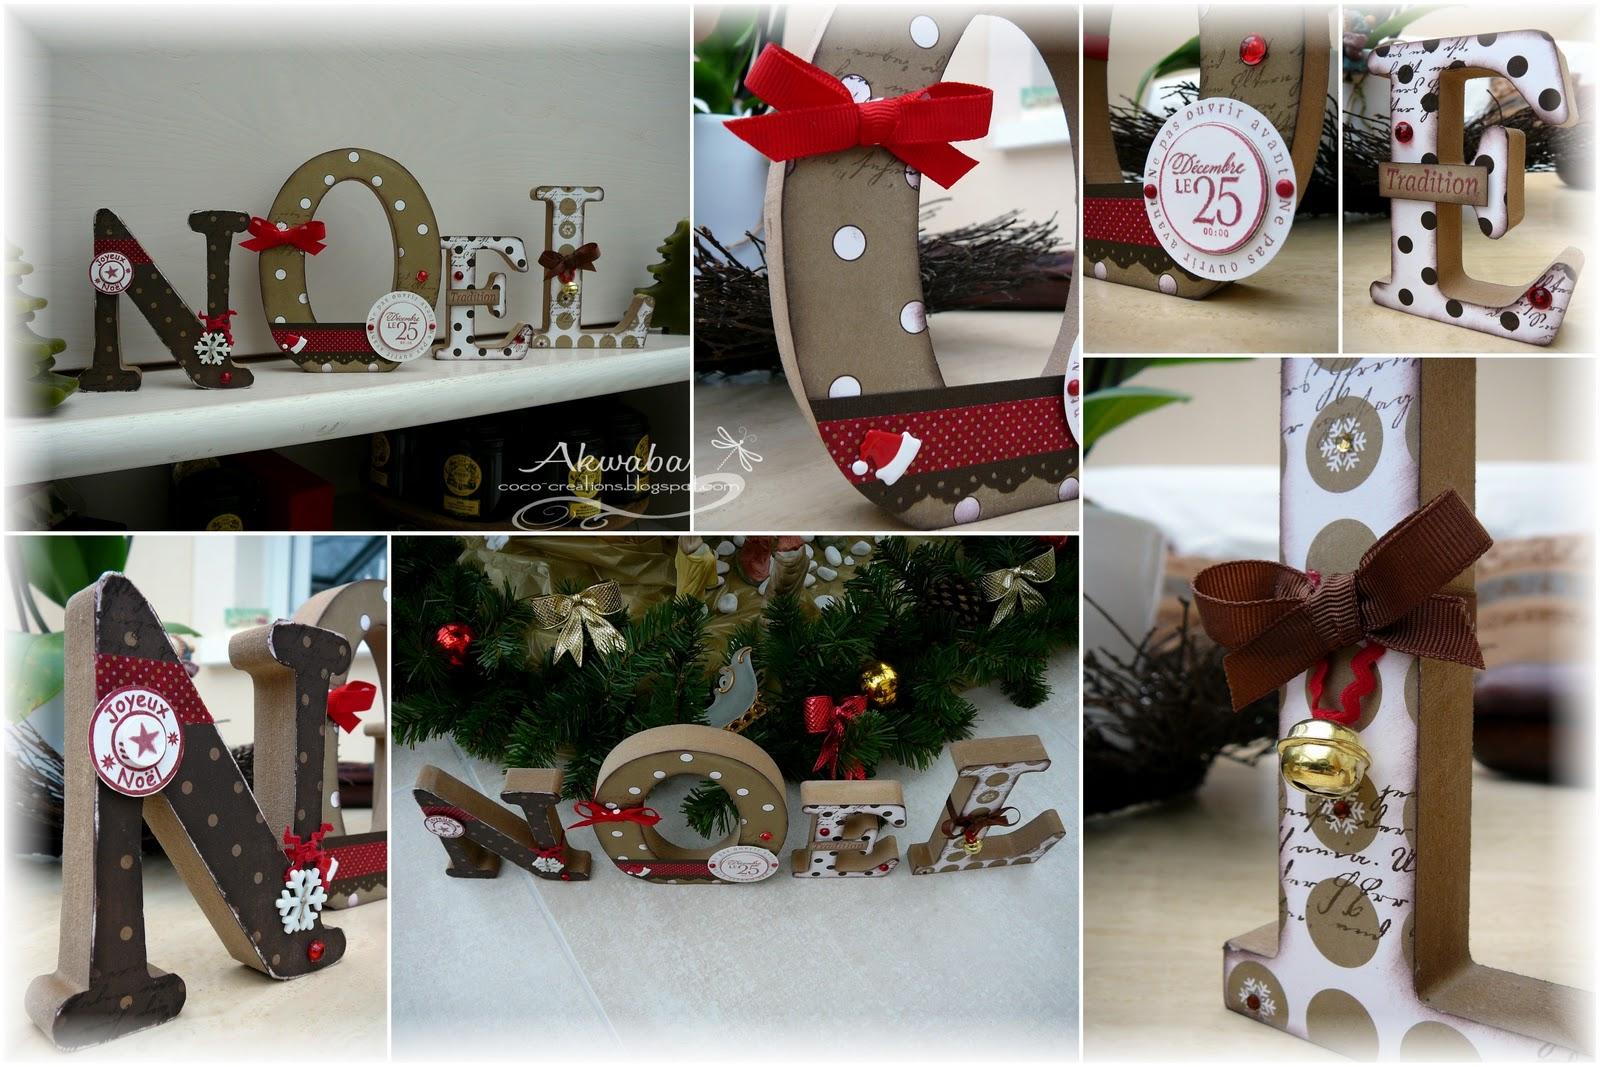 Coco cr ations joyeux no l - Lettre de decoration ...